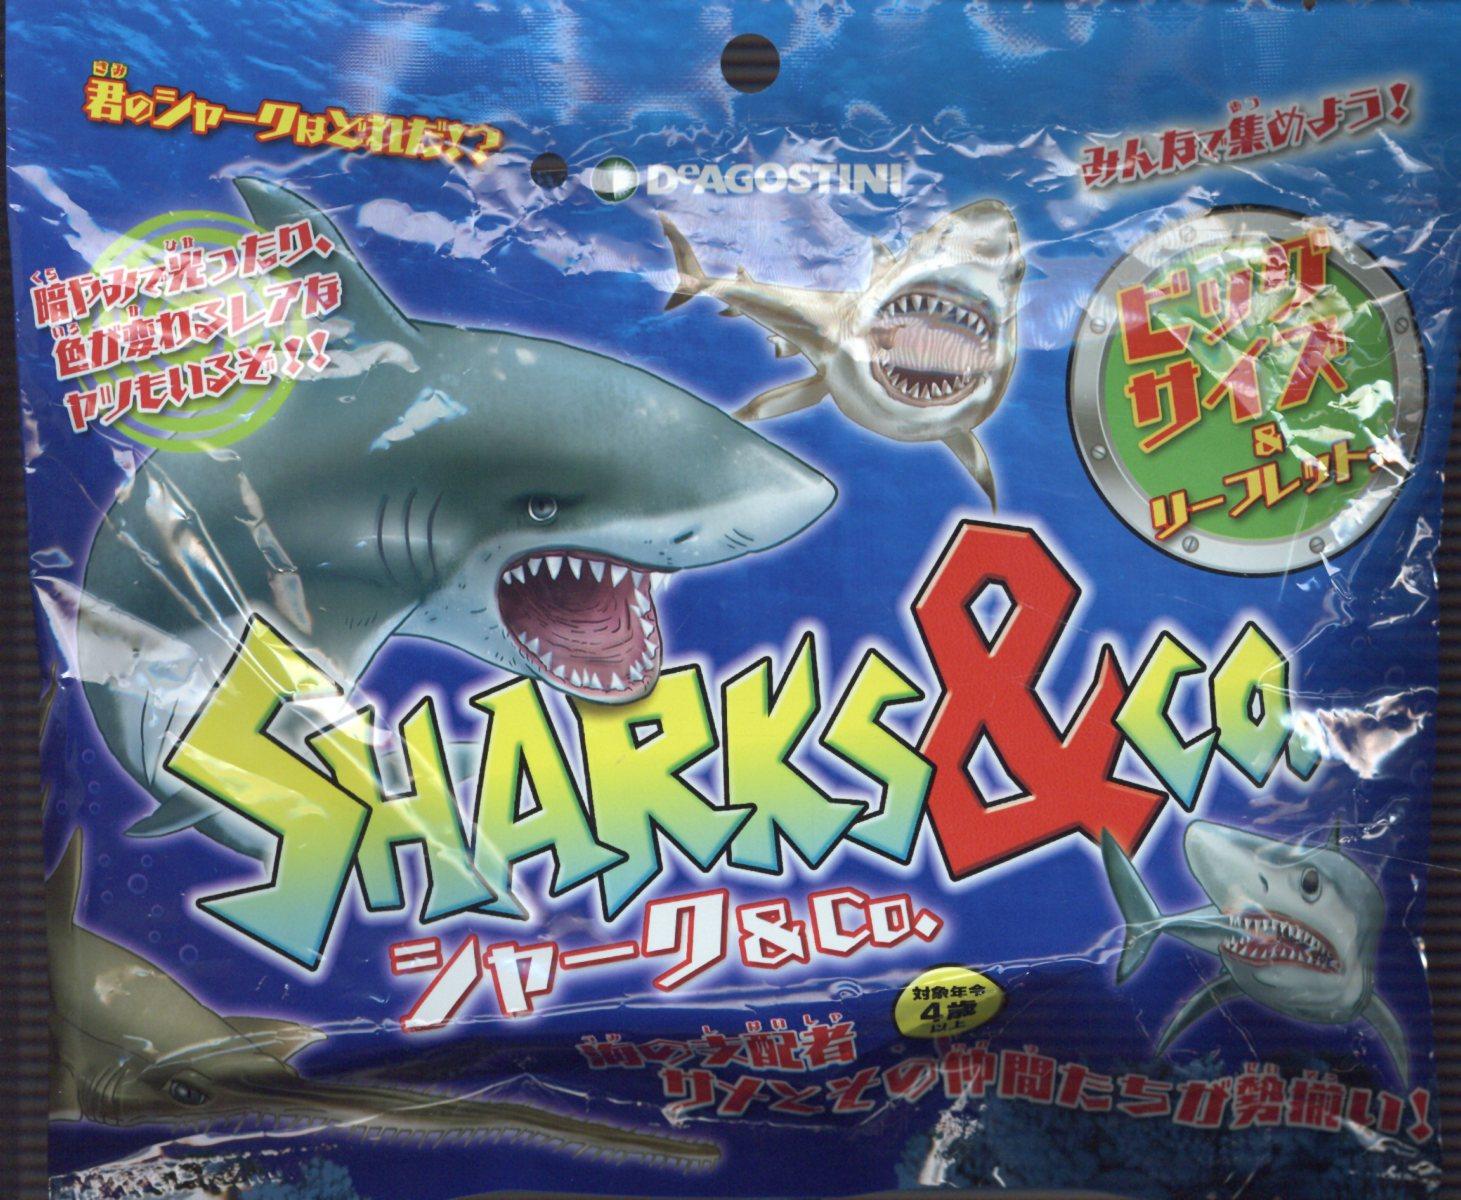 アンド コー シャーク 暗闇で光る海のモンスターを集めよう!食玩フィギュア「シーモンスターズ&Co.(アンドコ)」が9月21日より登場!!人間に顔がそっくりなブロブフィッシュも